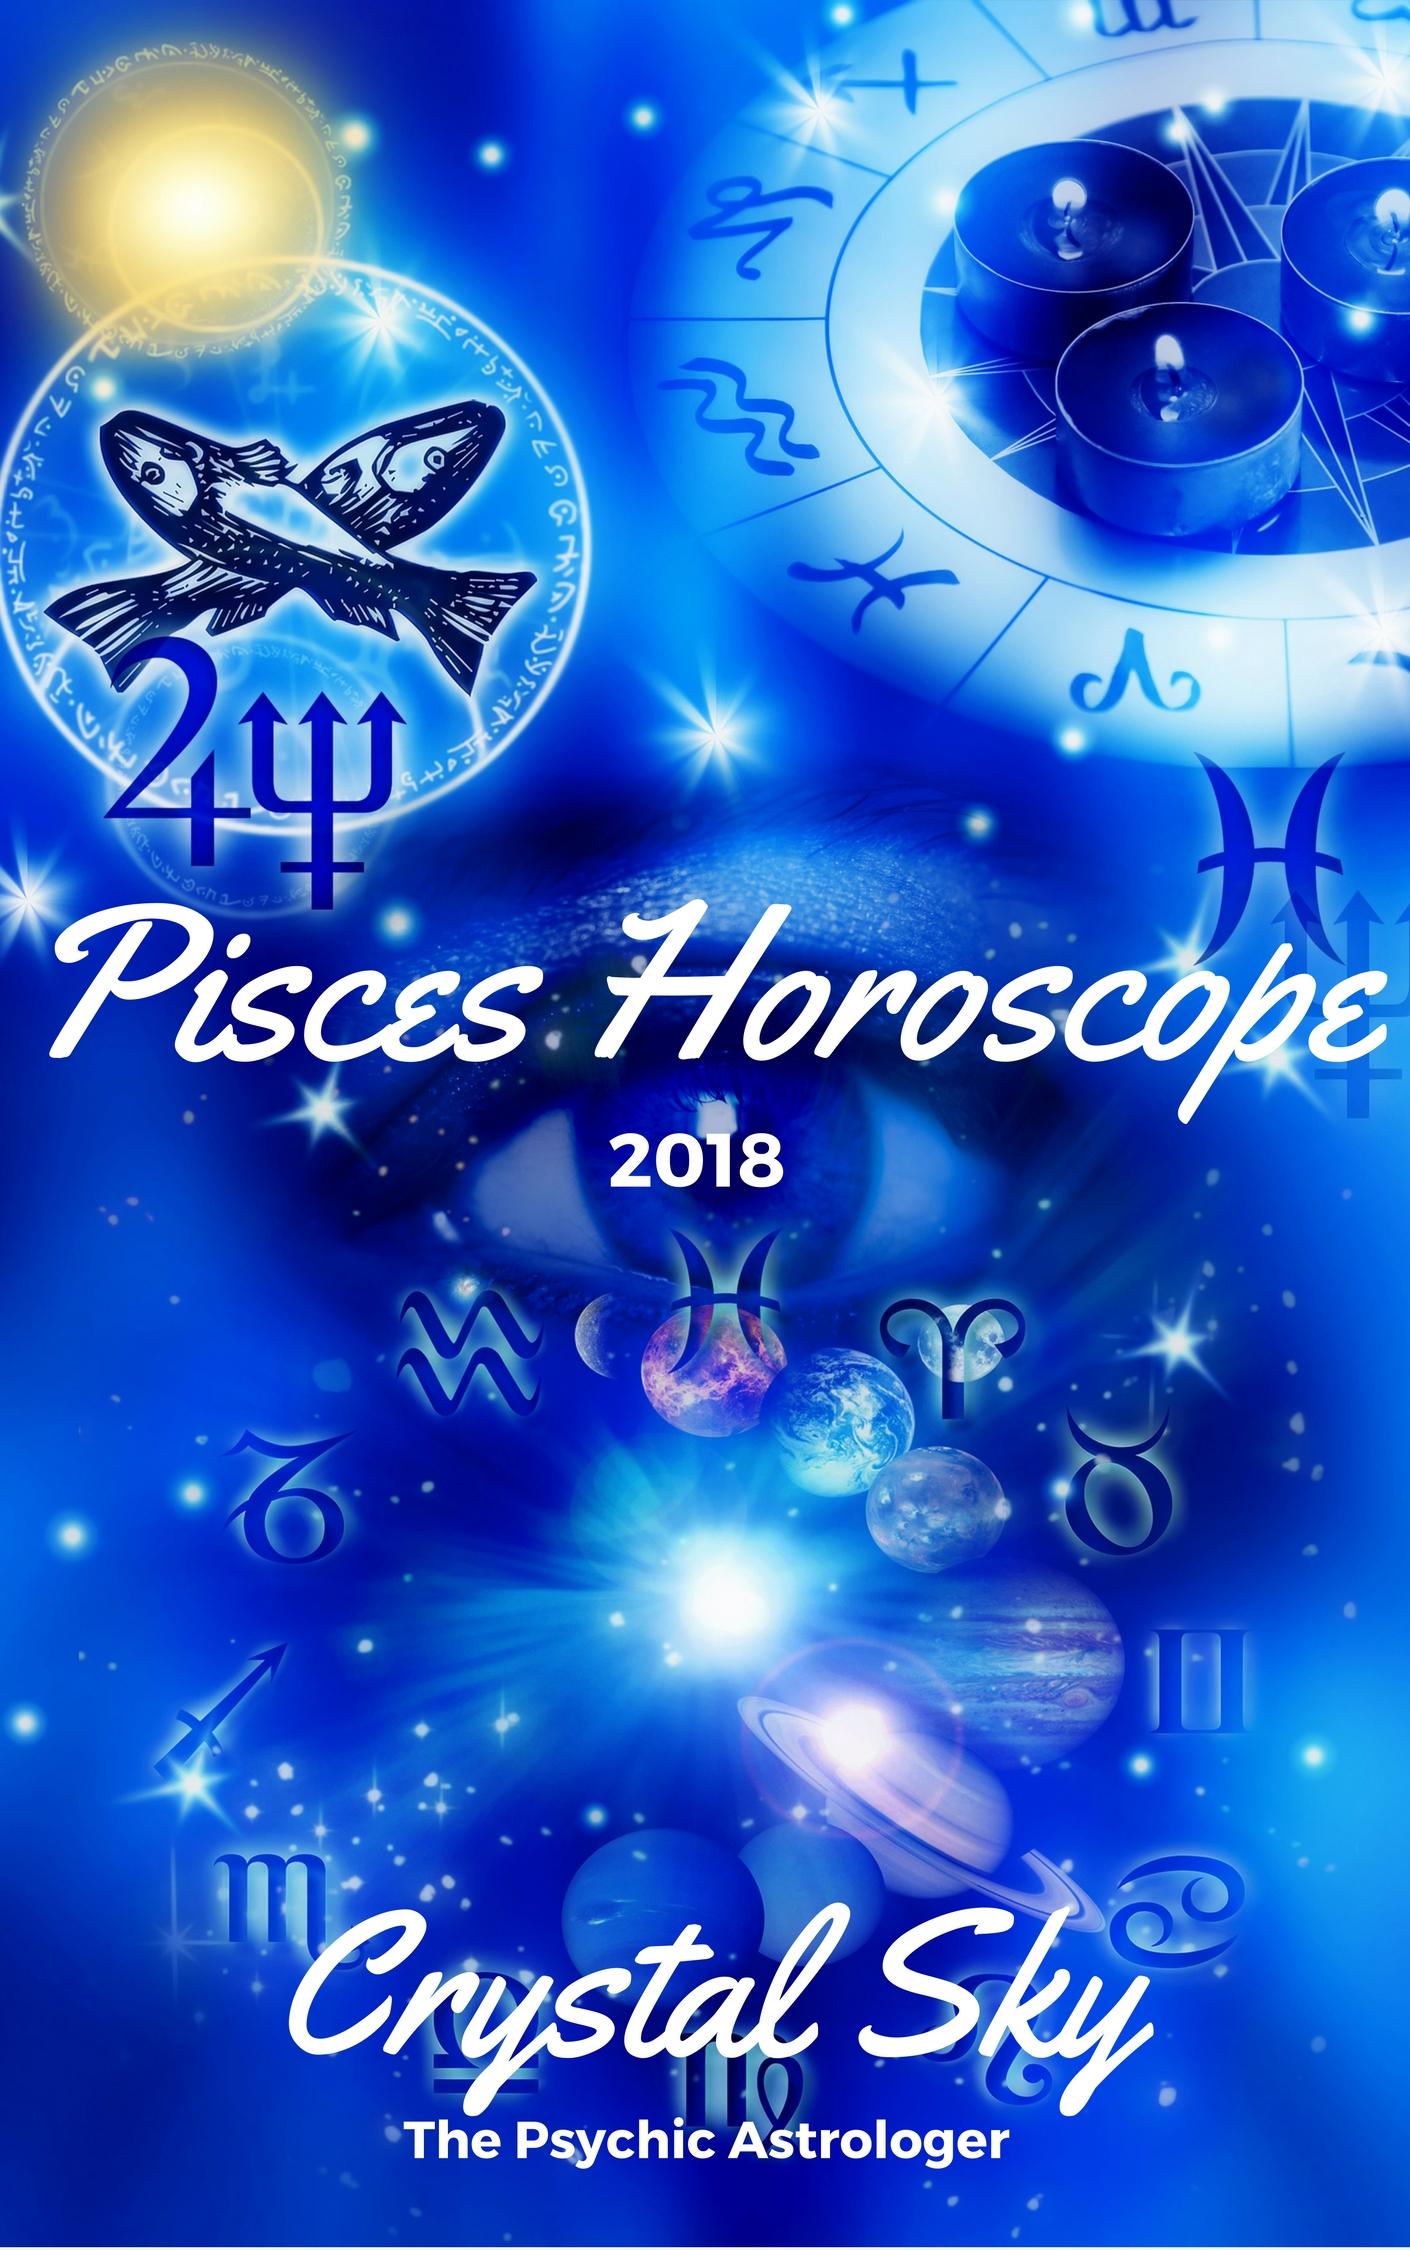 Pisces 12222 Horoscope: February 12222